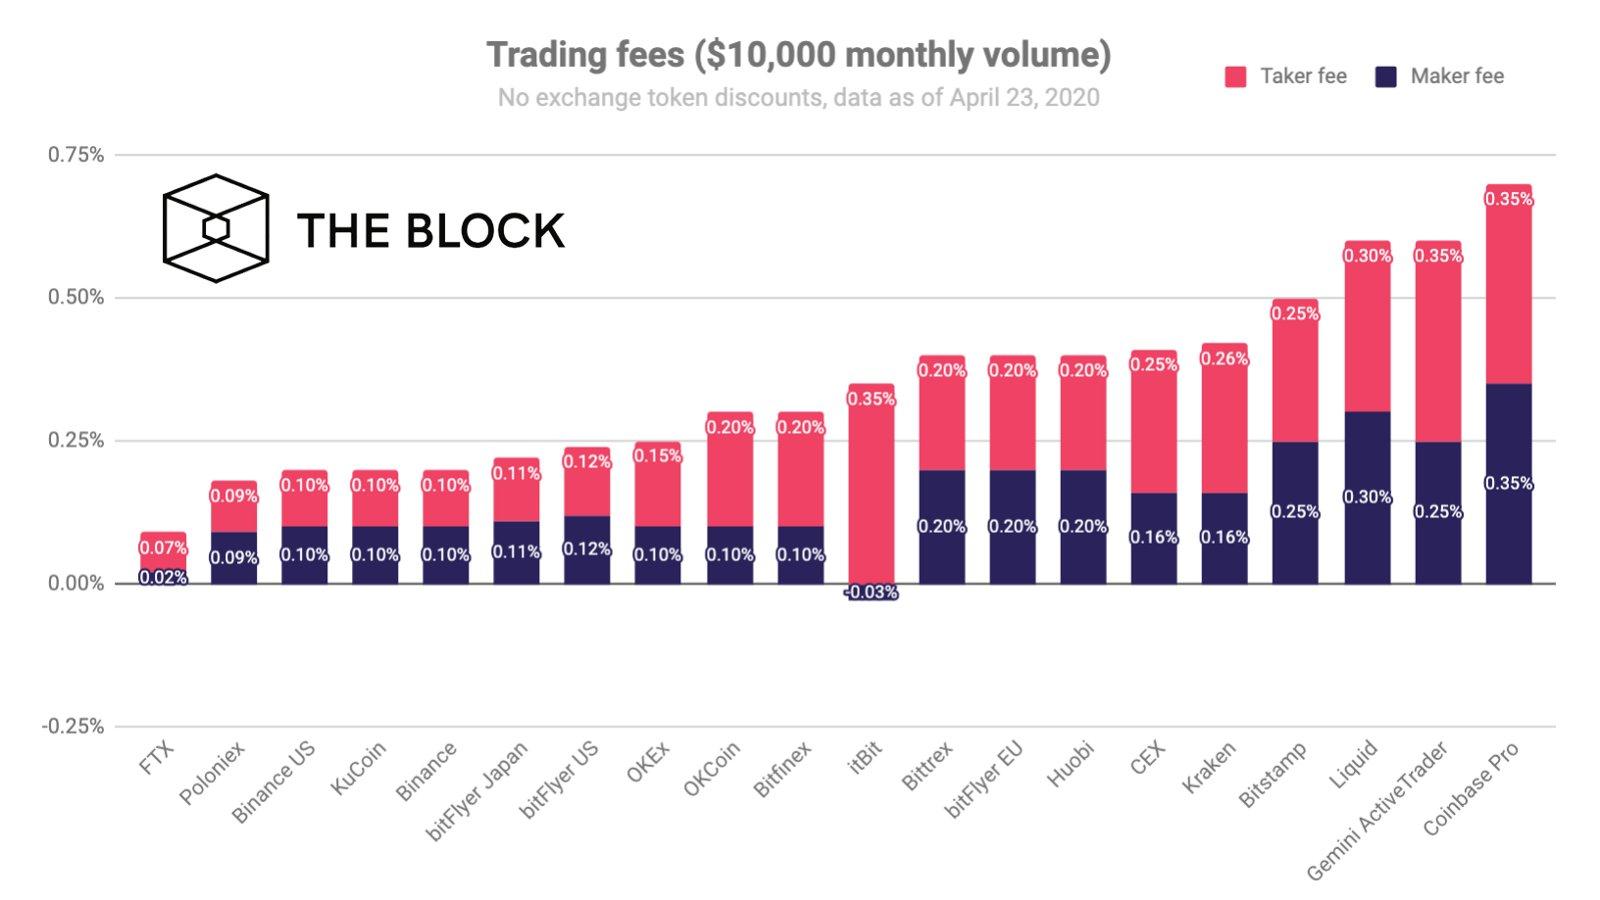 The Block назвал самые выгодные биржи для трейдеров